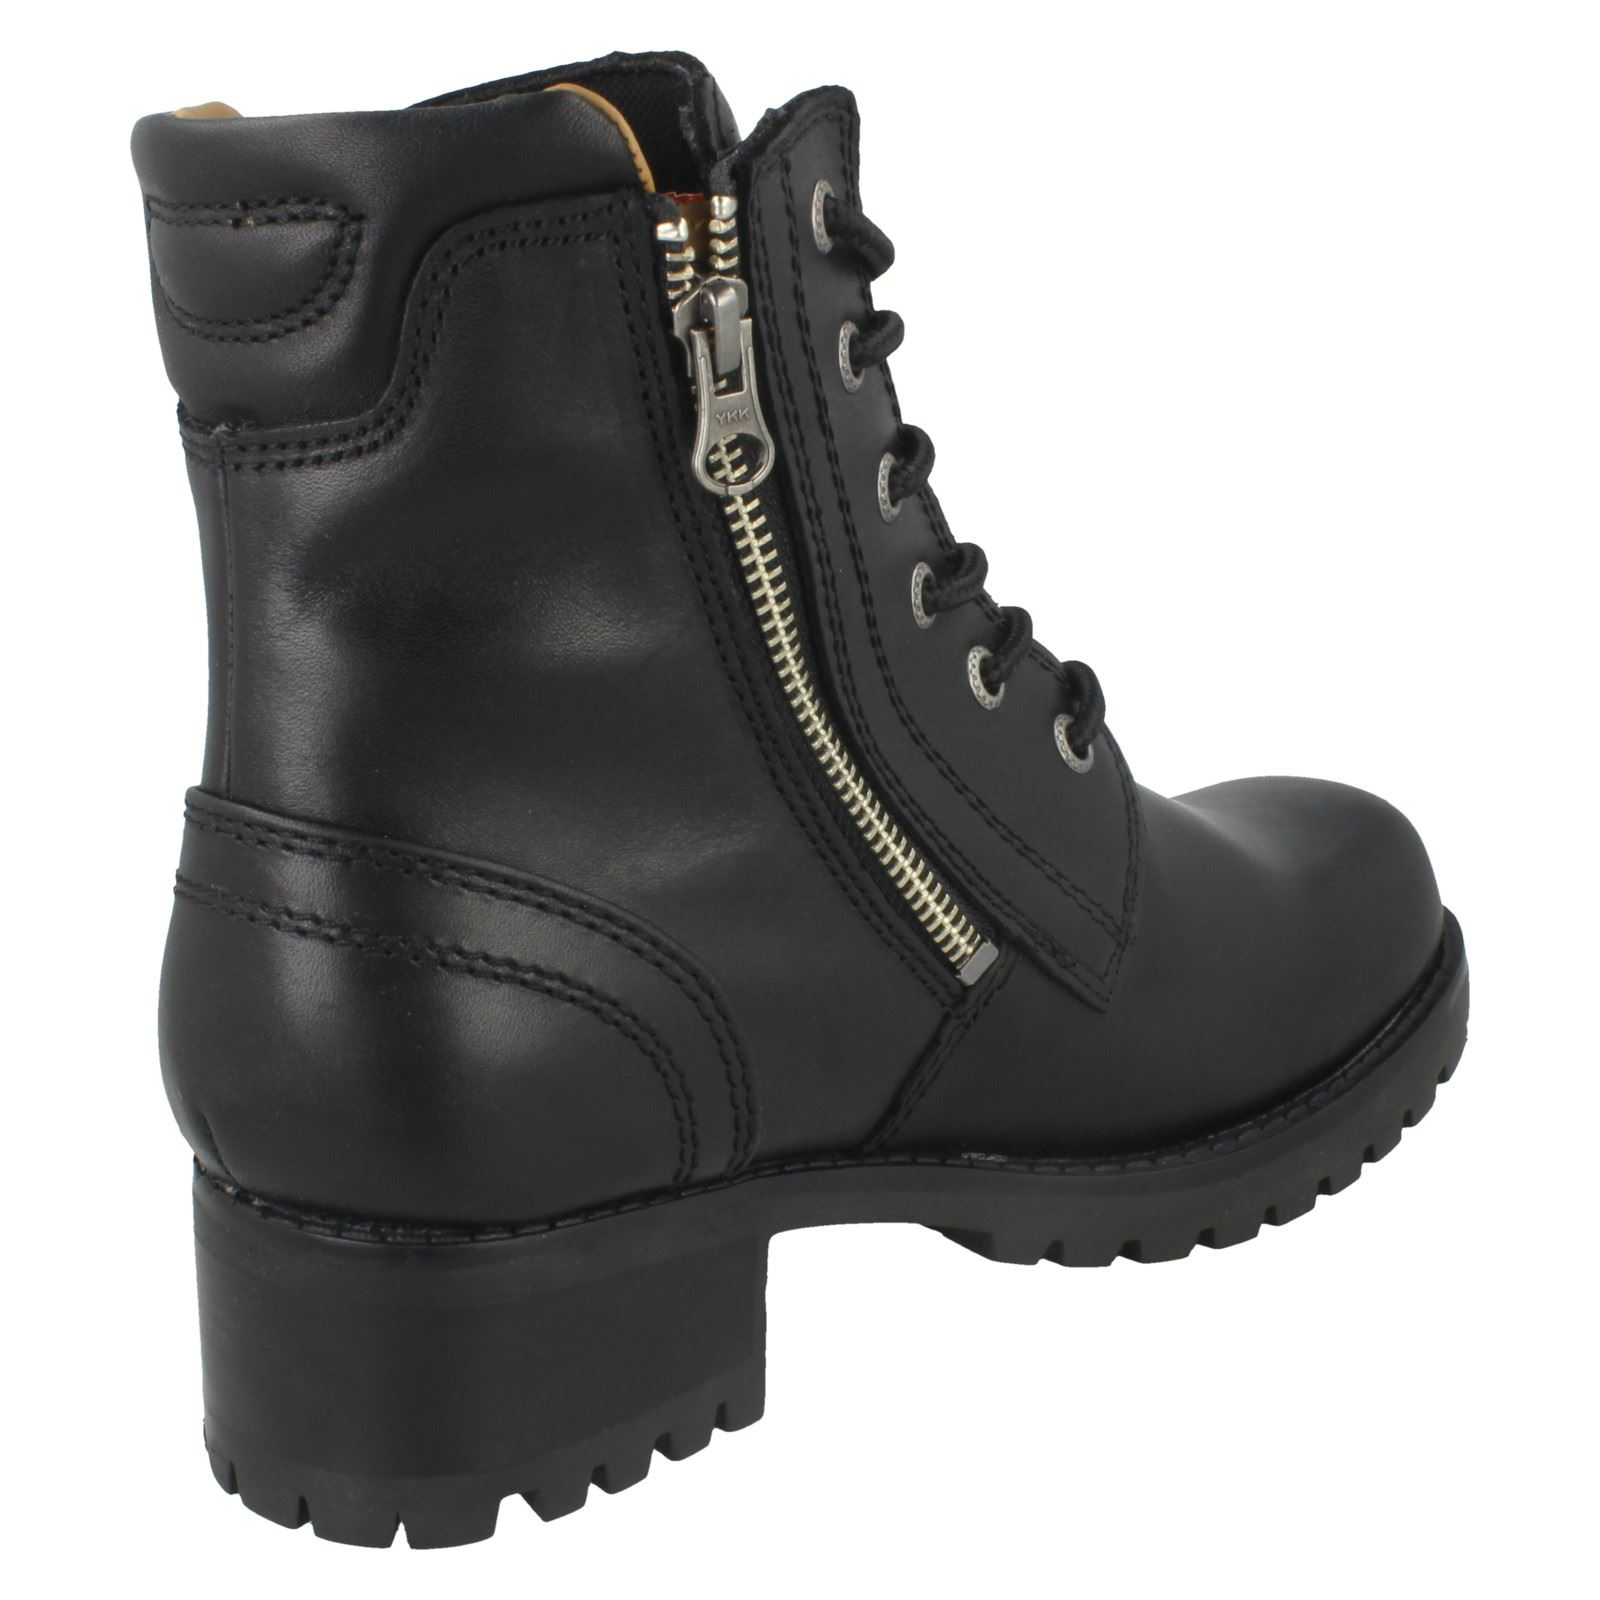 Damenschuhe Harley Davidson Lace Up/Zip Fastening Leder Ankle Ankle Leder Boot - 'Asher' 4da62d